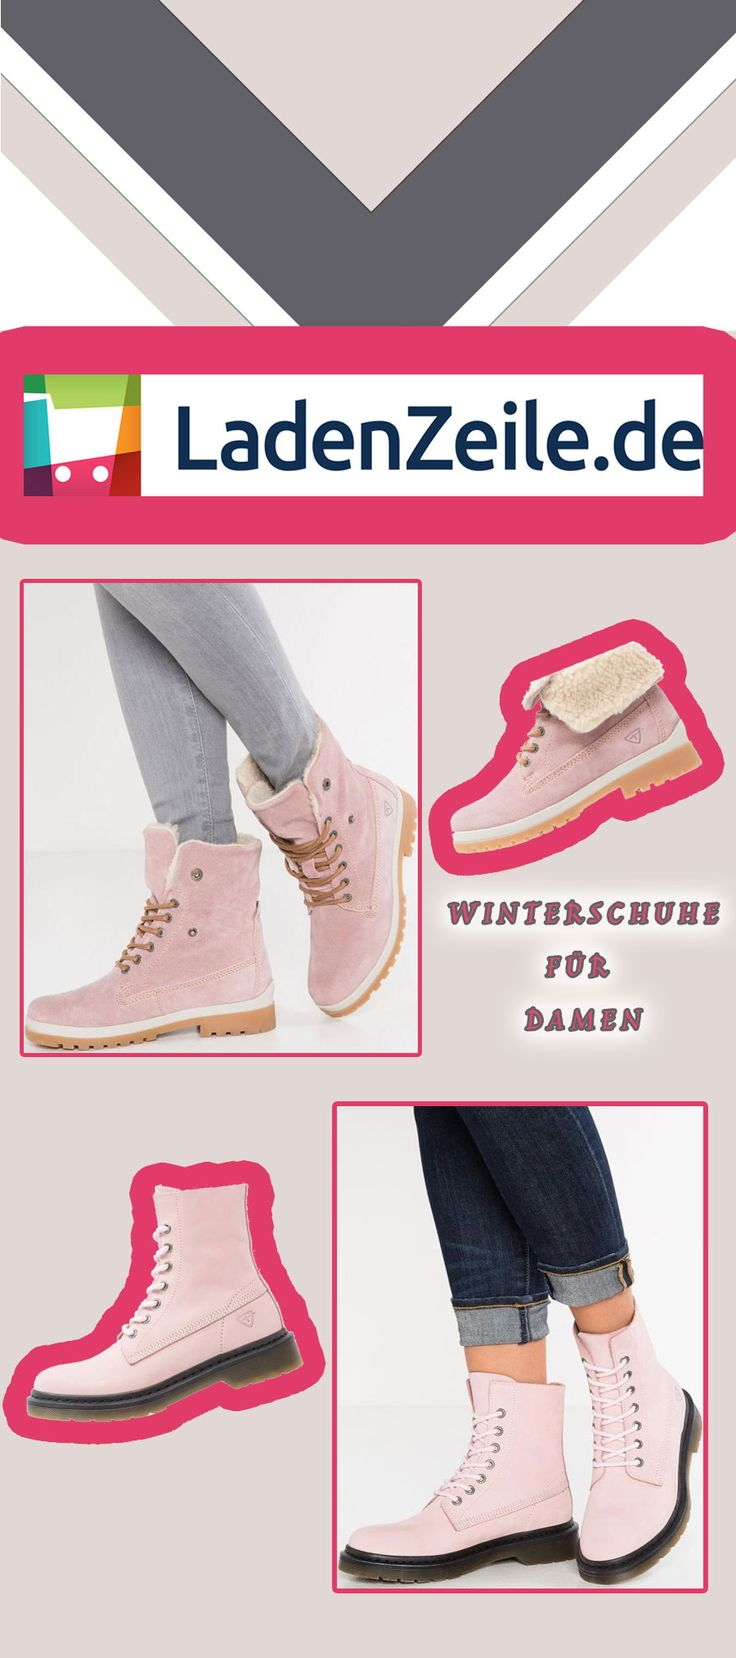 #tamaris, Winterschuhe für Damen, Damenwinterschuhe, Tamaris, pink ***Gefällt's dir? Auf LadenZeile.de gibt's noch mehr davon***